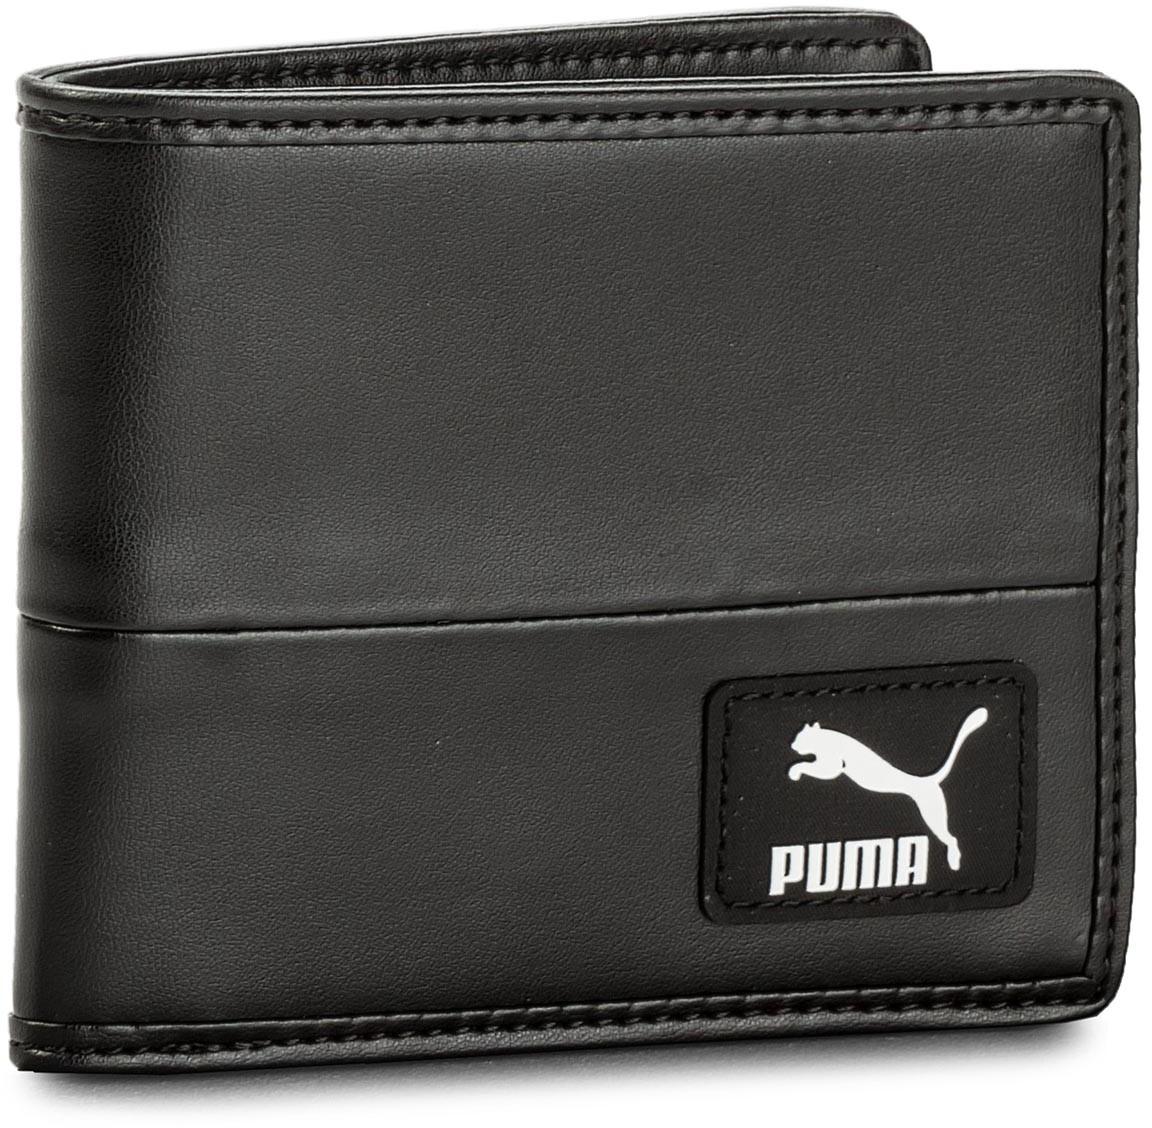 Puma Duży Portfel Męski Orginals Billfold Wallet 075019 01 Black